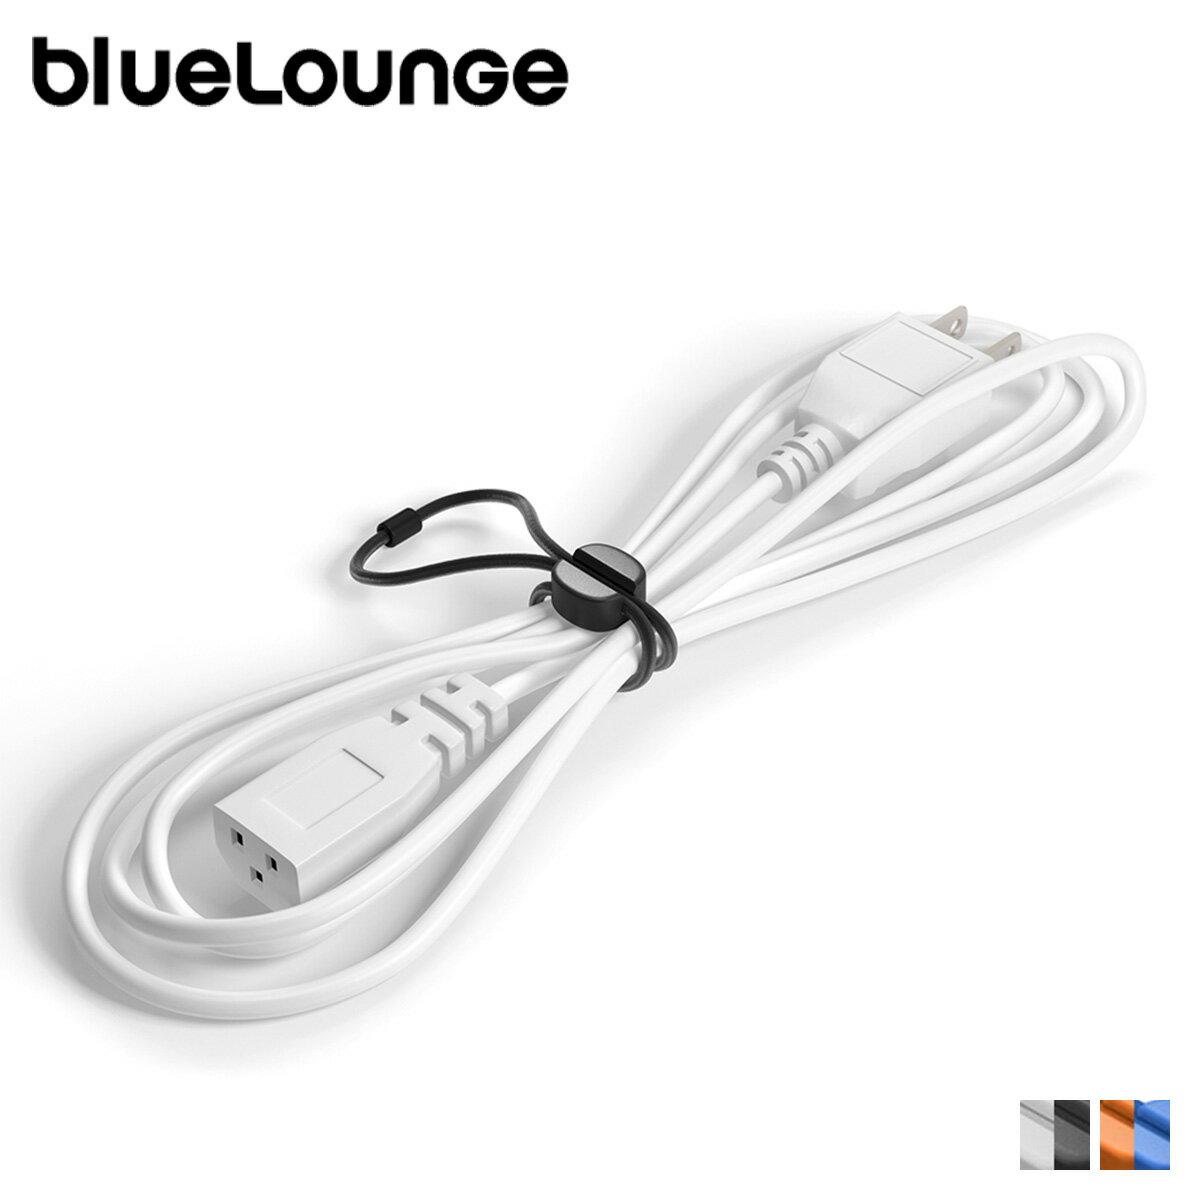 Bluelounge MULTI SMART BAND SMALL ブルーラウンジ 充電 マルチ ケーブル スマート バンド スモール 8本セット パソコン PC USBケーブル グレー オレンジ BLD-PIXIS画像